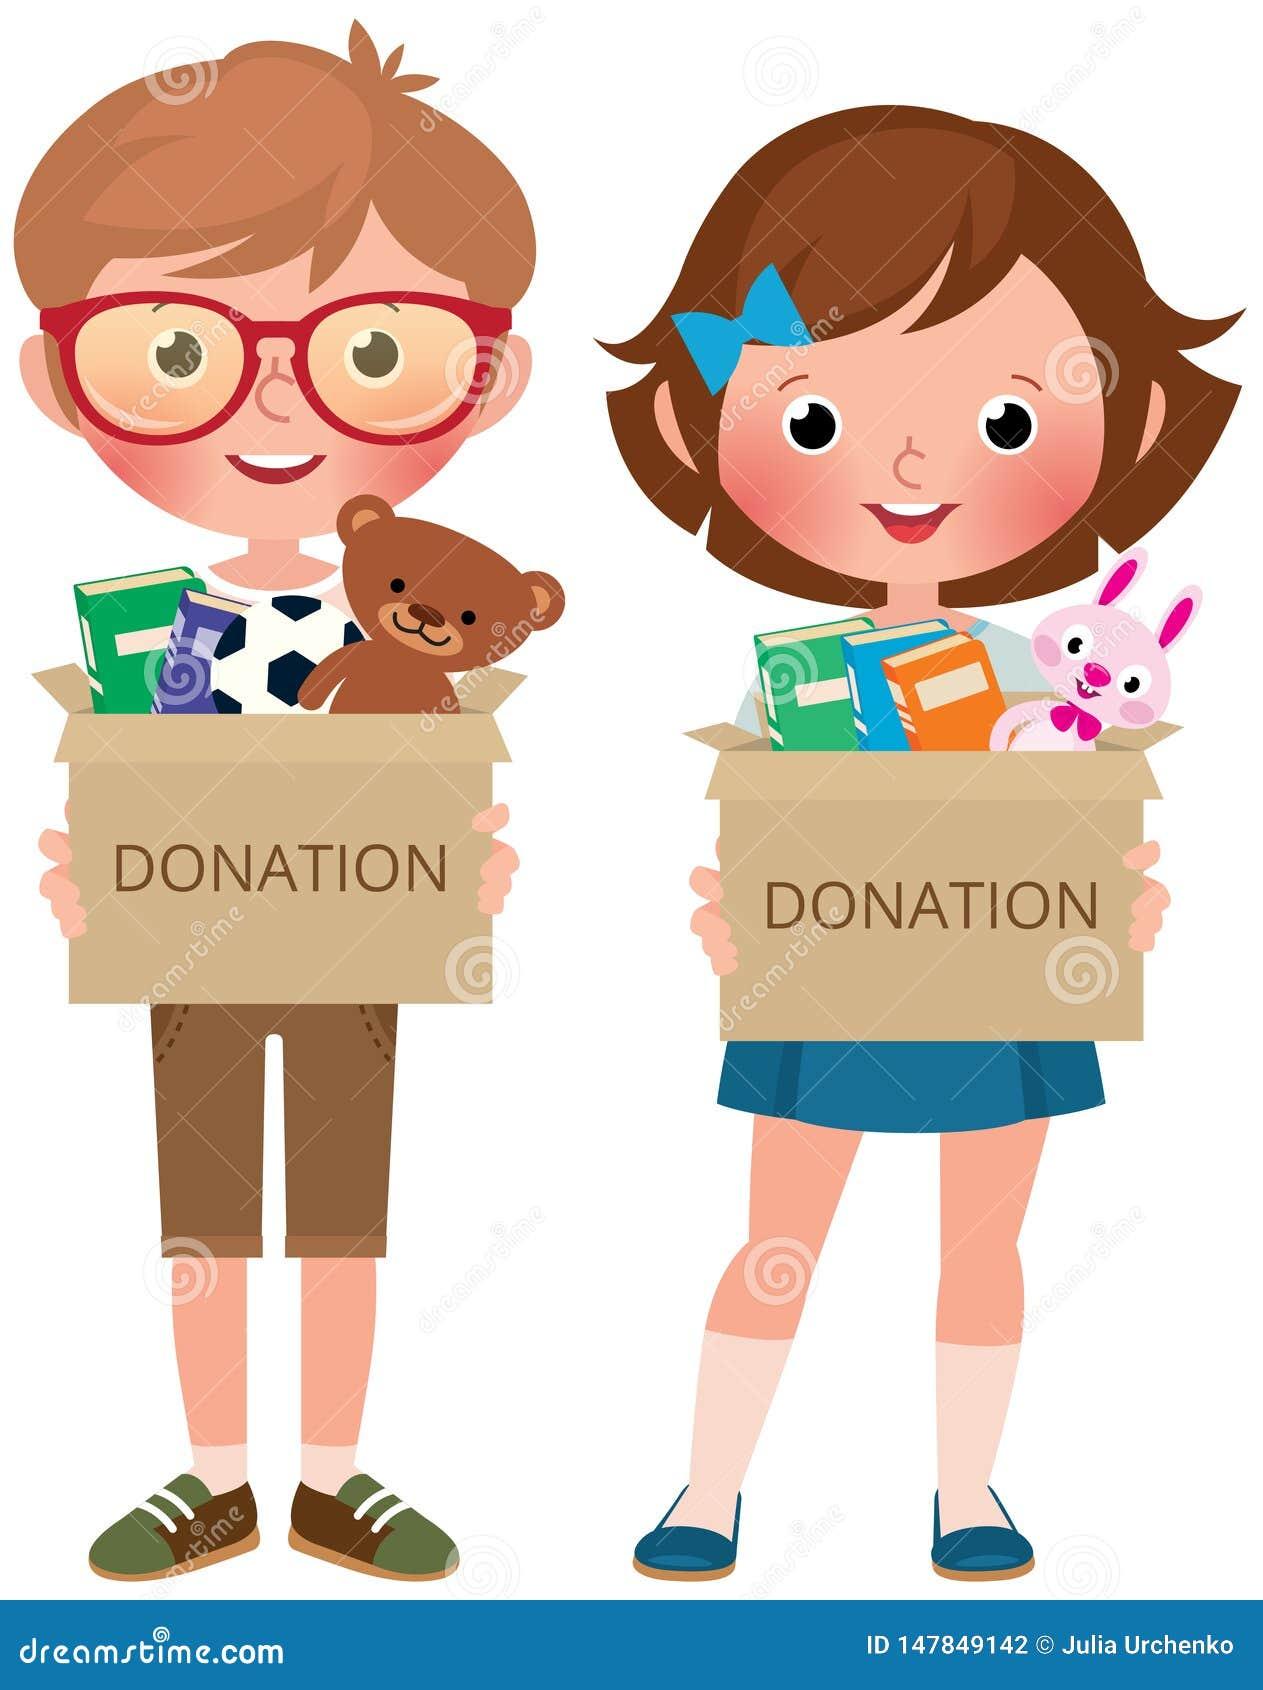 Junge und Mädchen, die Kästen von hält zu spenden gefüllt mit Spielwaren und Büchern